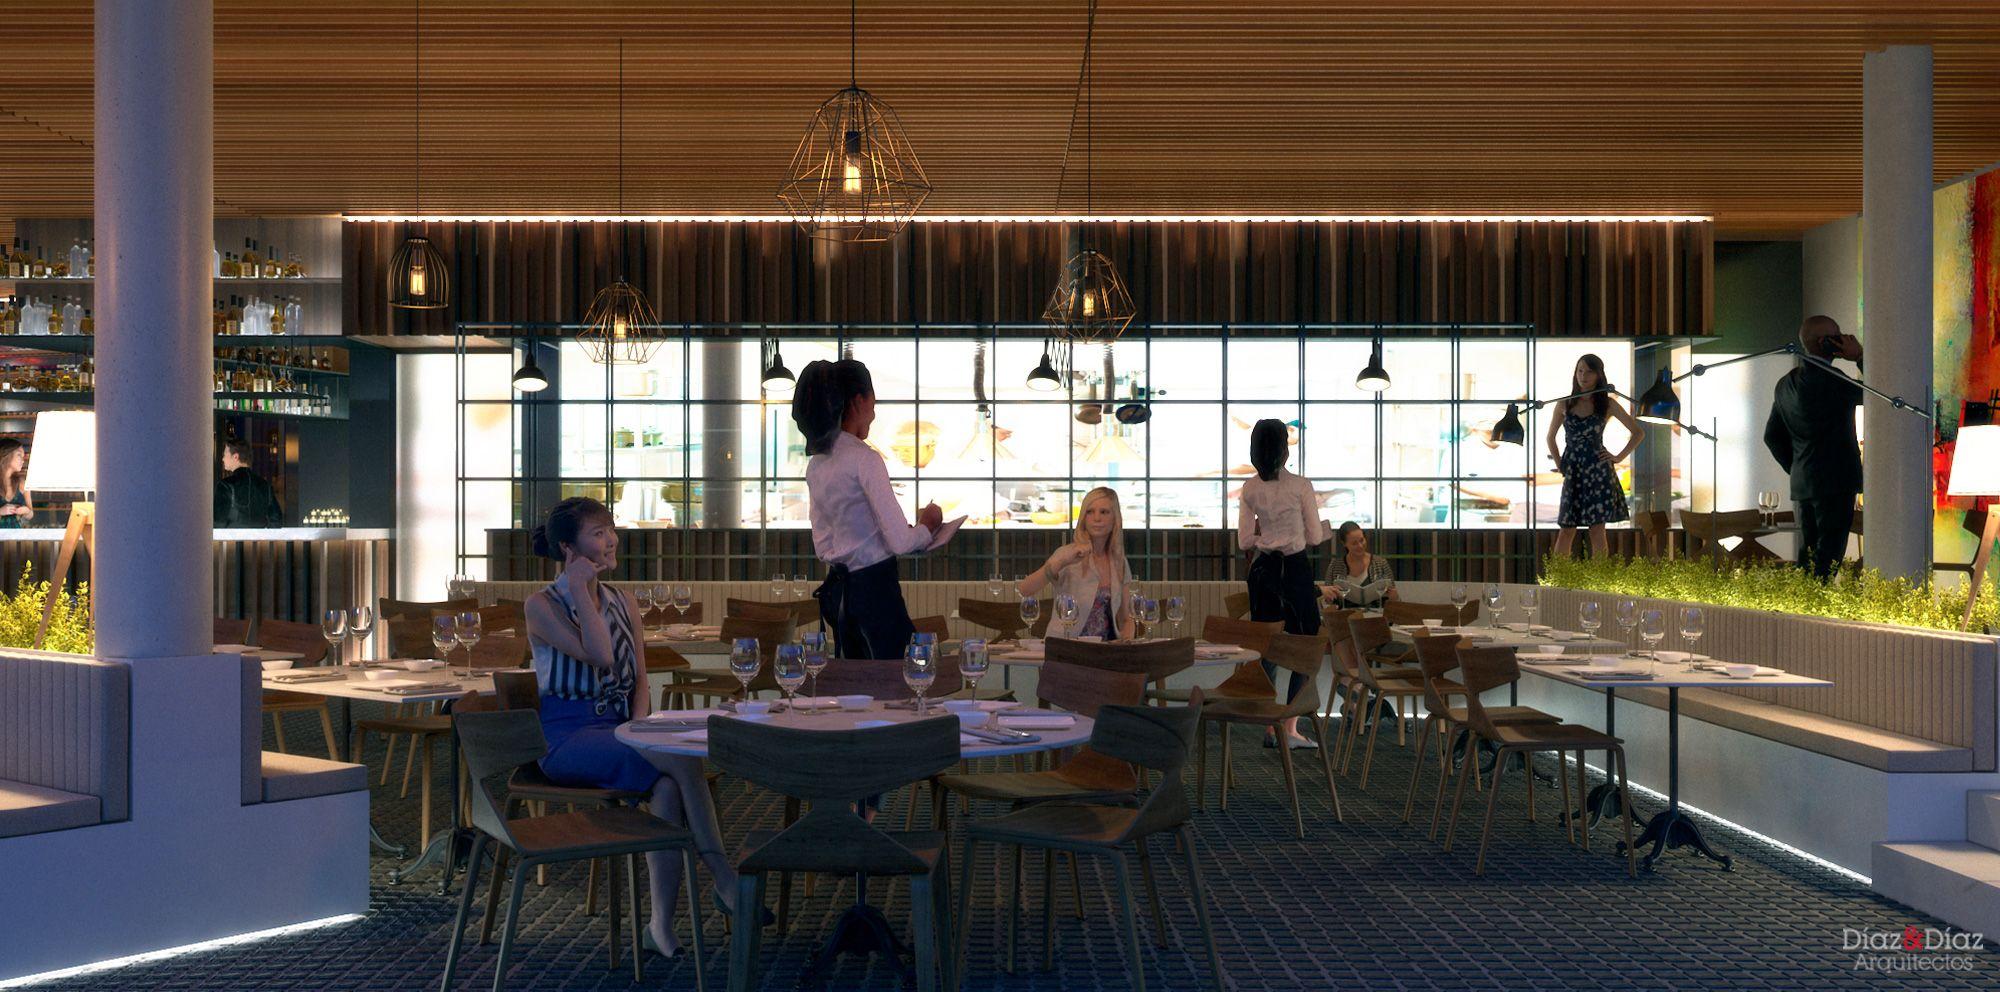 Mobiliario oficina corua fabulous mesa de oficina with mobiliario oficina corua gallery of - Mobiliario oficina coruna ...